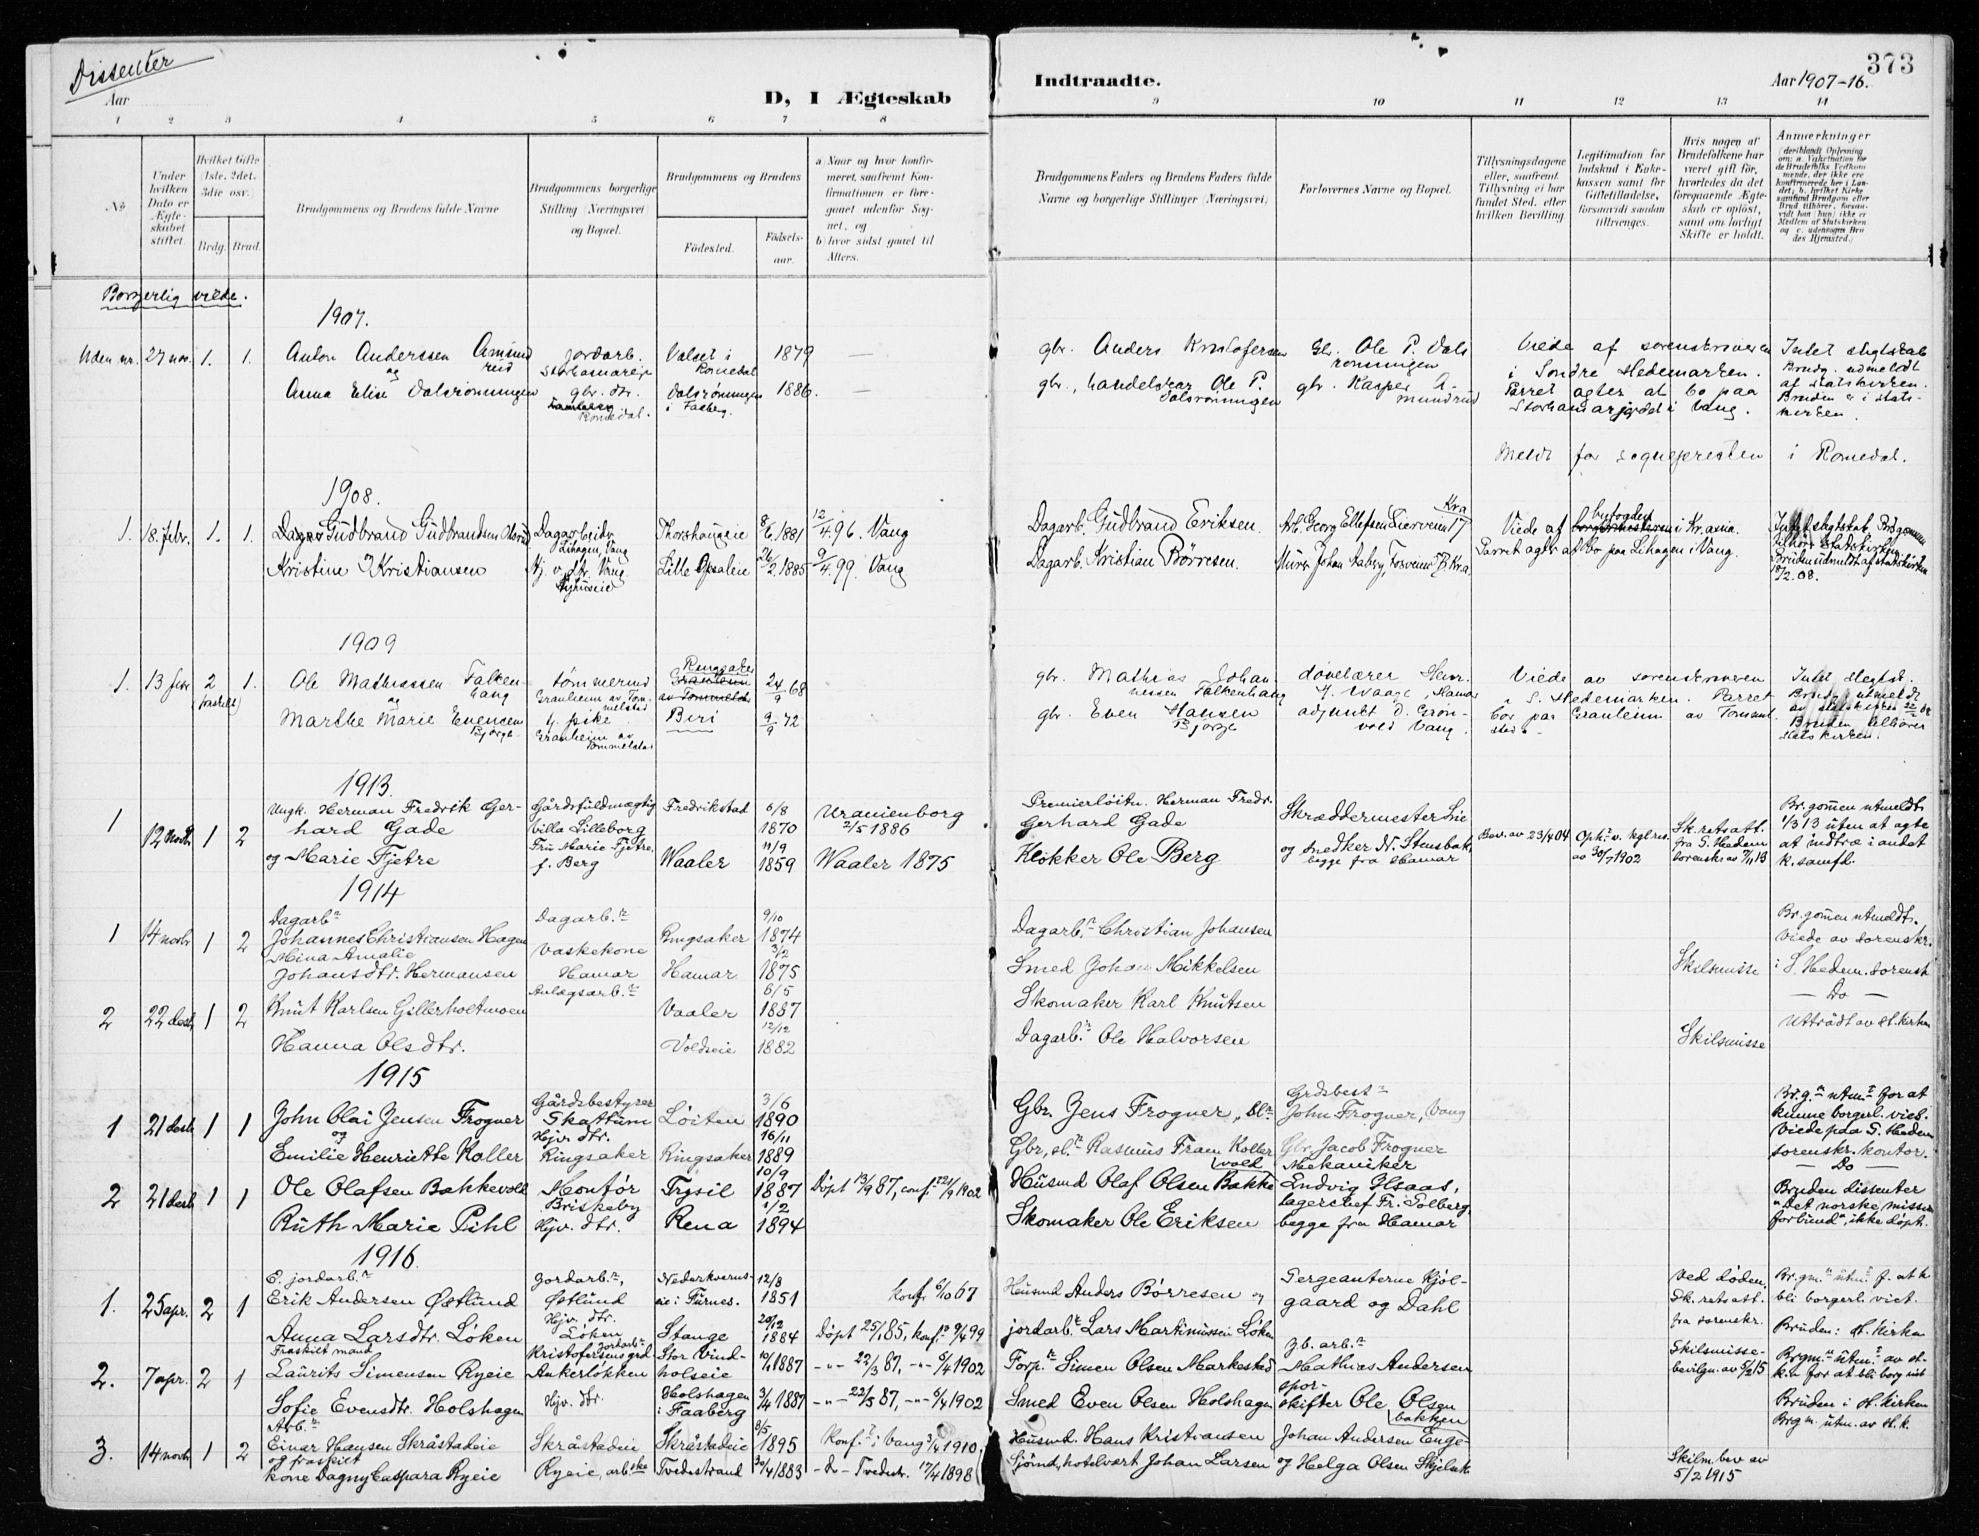 SAH, Vang prestekontor, Hedmark, H/Ha/Haa/L0021: Ministerialbok nr. 21, 1902-1917, s. 373